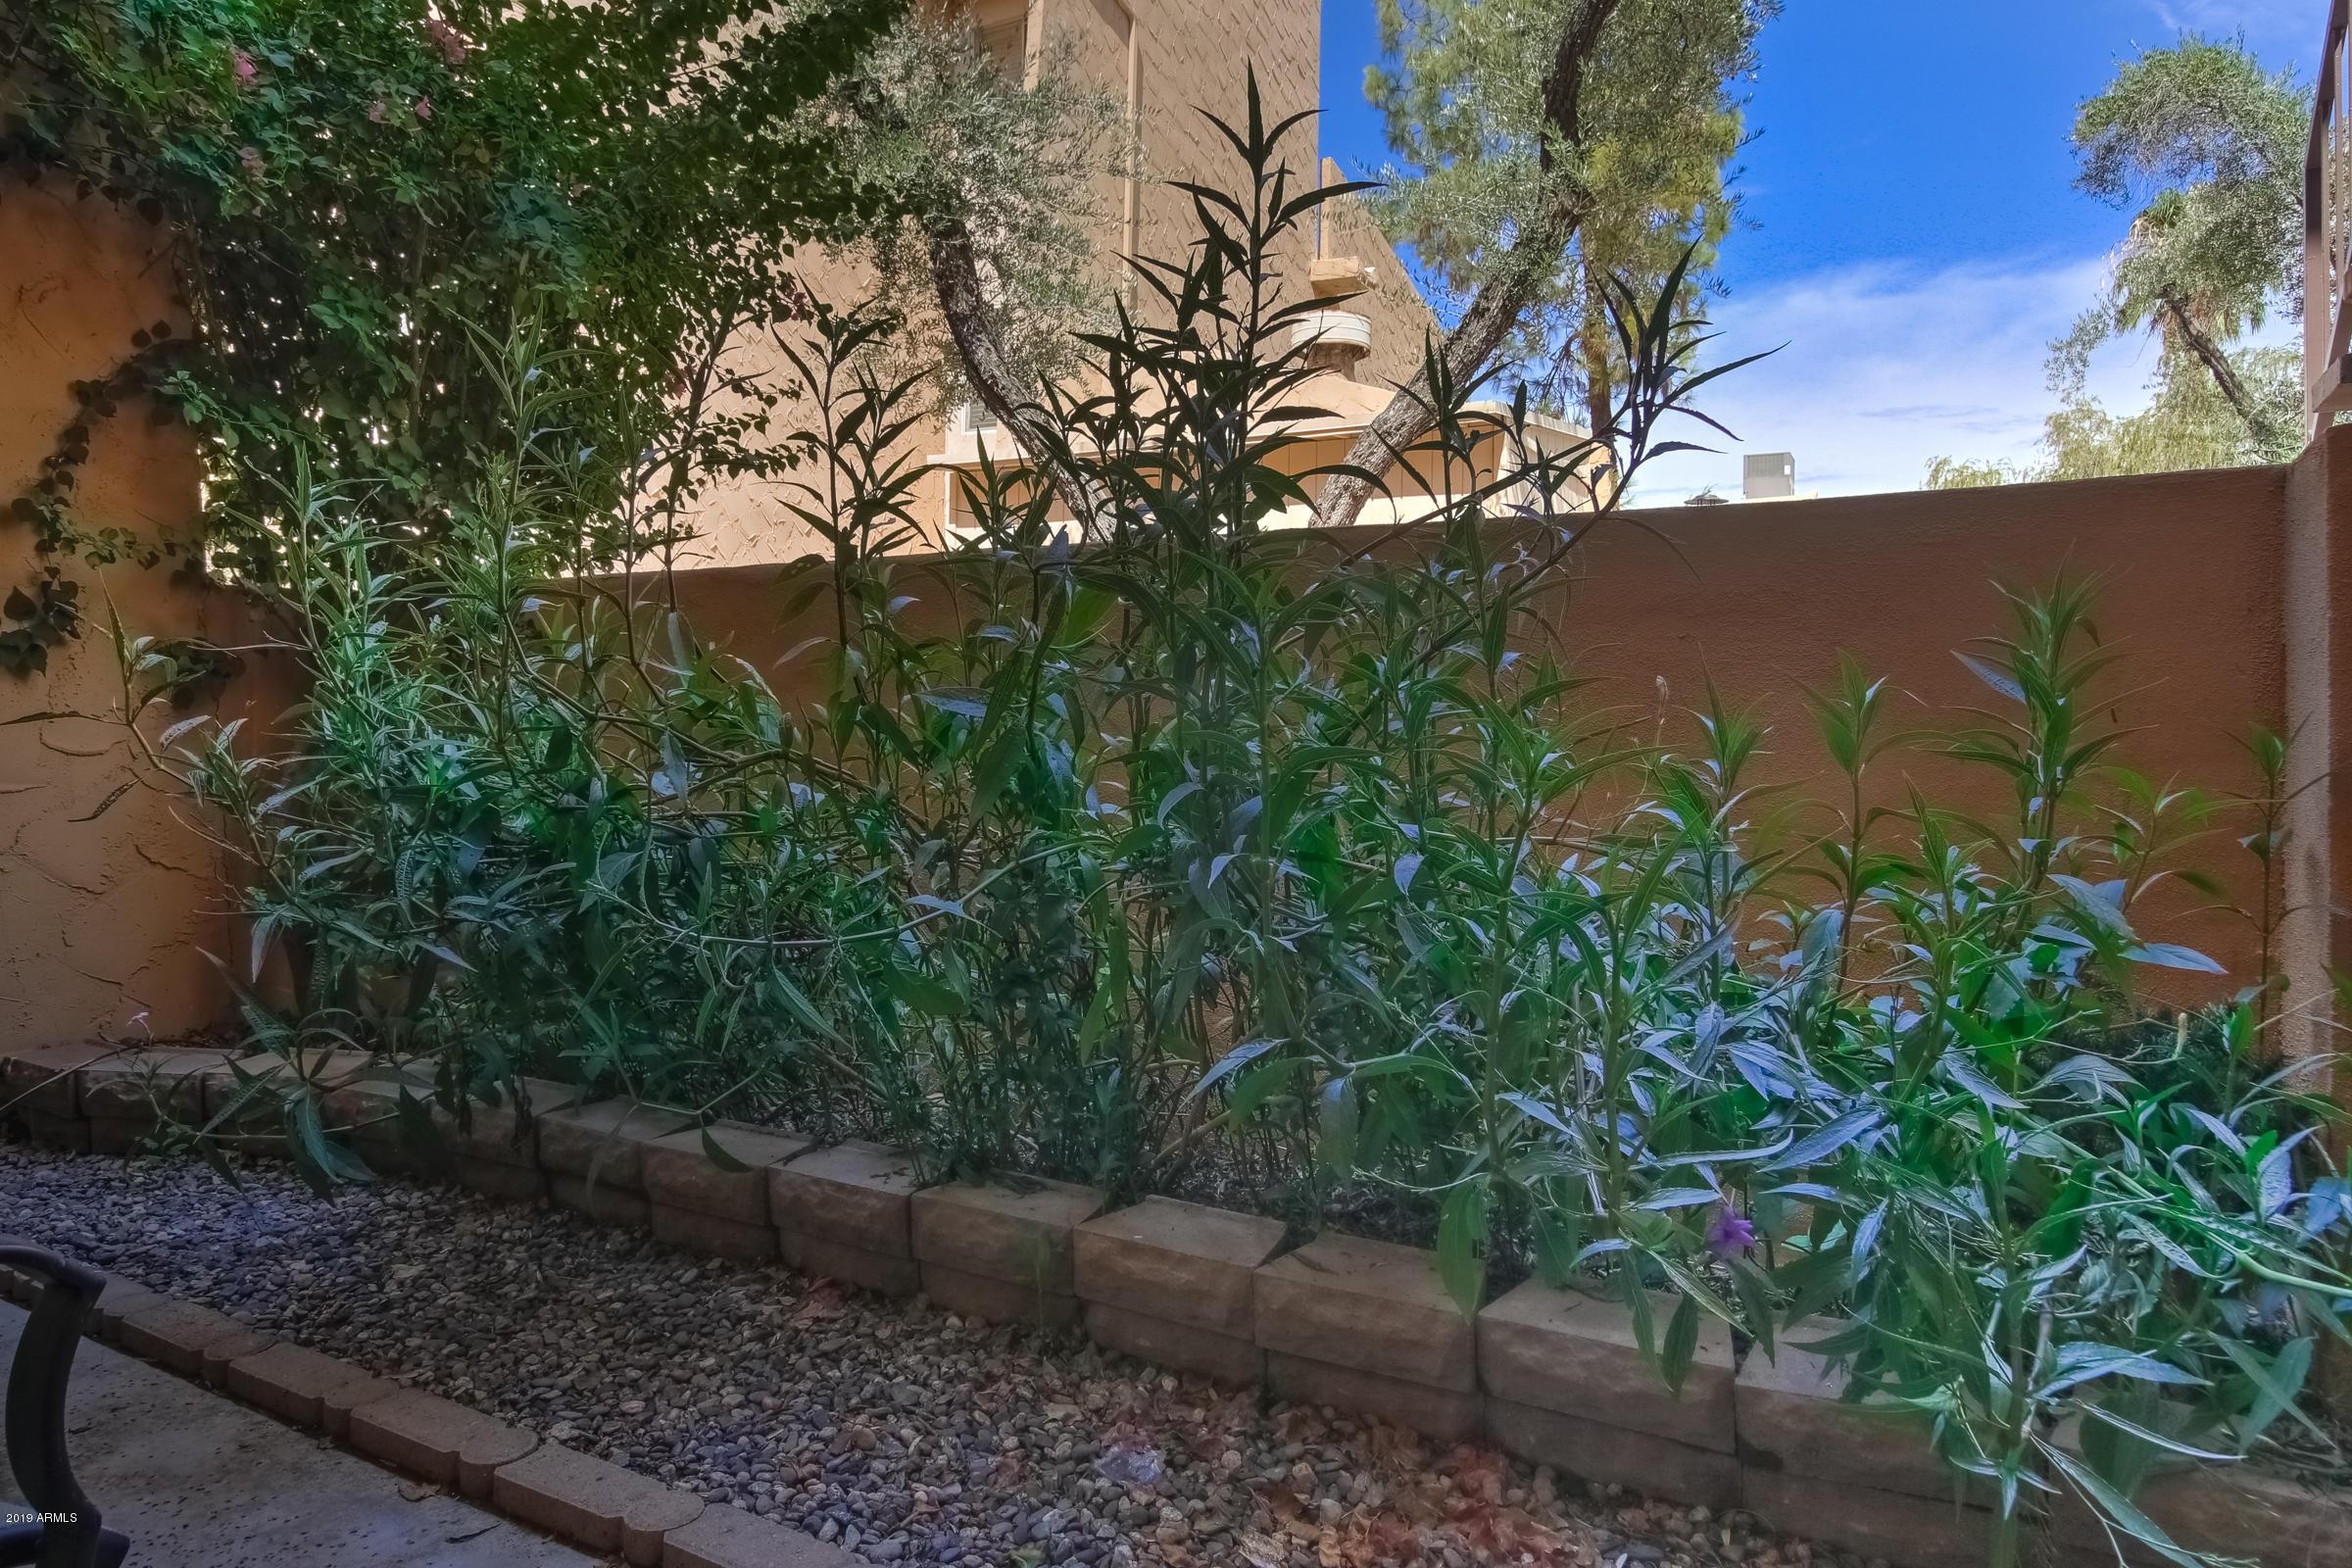 MLS 5959550 8055 E THOMAS Road Unit B103 Building B, Scottsdale, AZ 85251 Scottsdale AZ Old Town Scottsdale